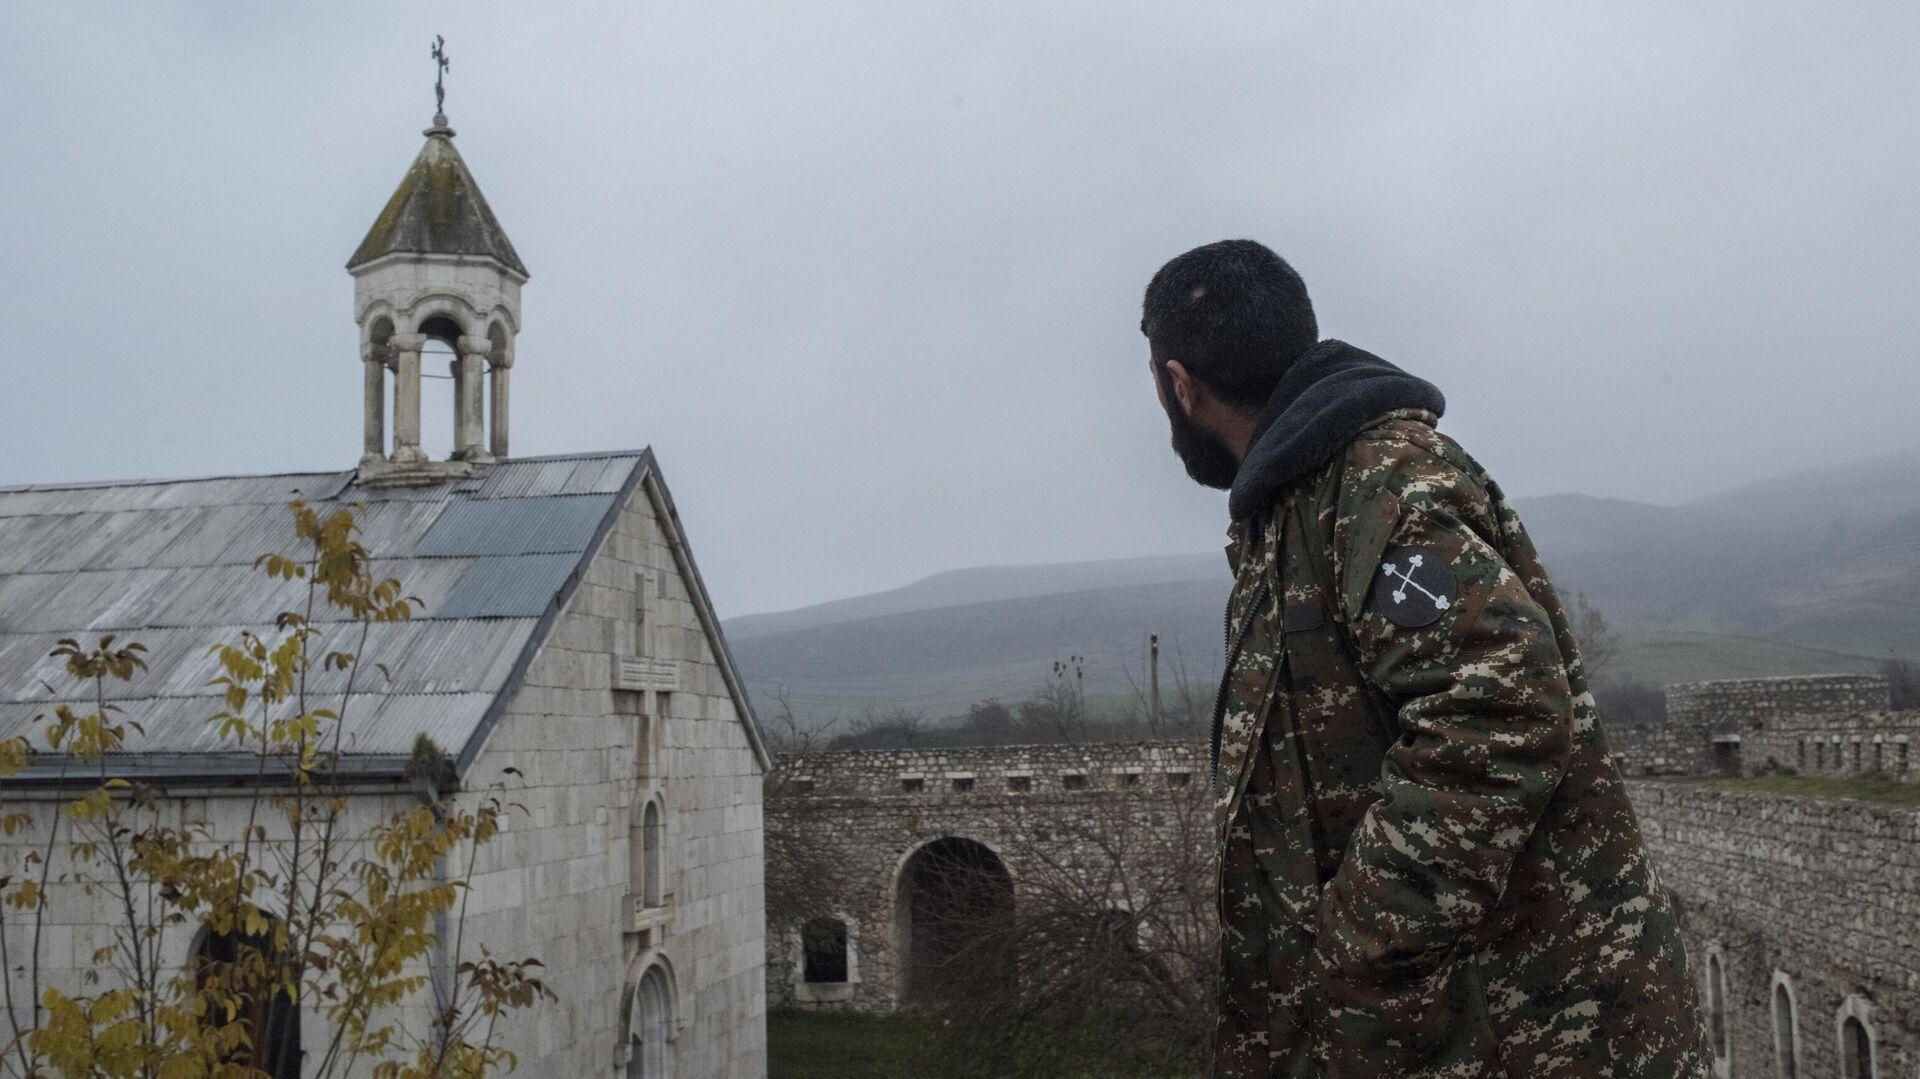 Мужчина возле монастыря Амарас в селе Мачкалашен Мартунинского района в Нагорном Карабахе - РИА Новости, 1920, 27.01.2021